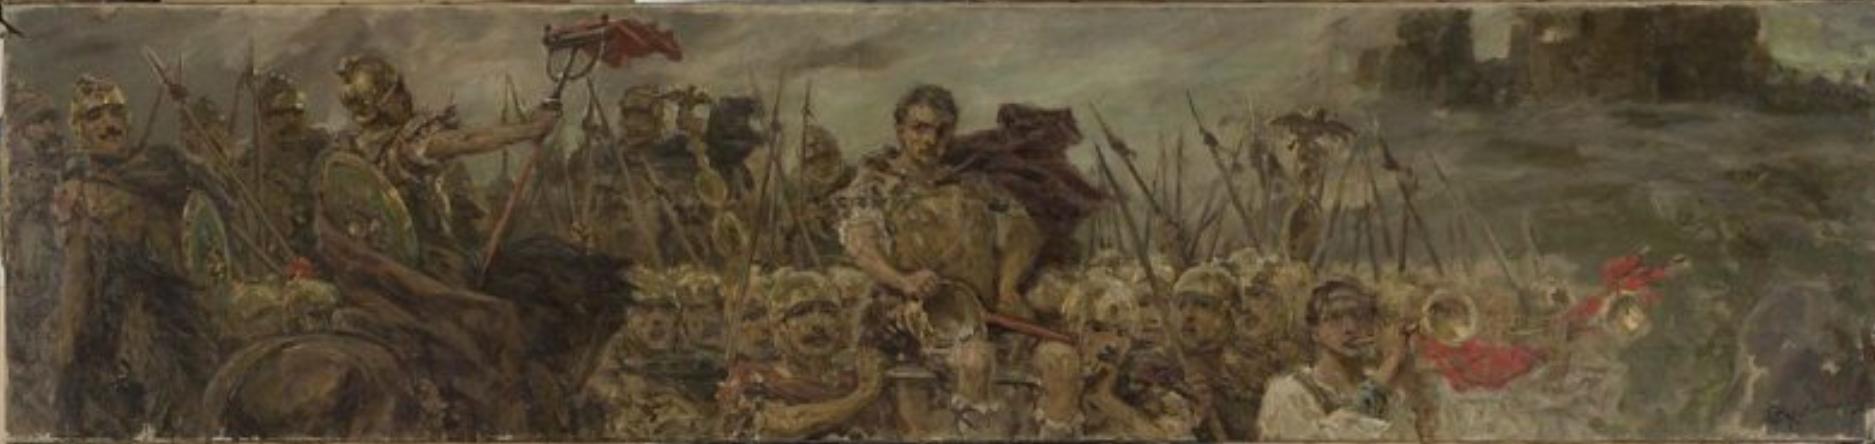 Вильгельм Александрович Котарбинский. Поход армии после победной битвы